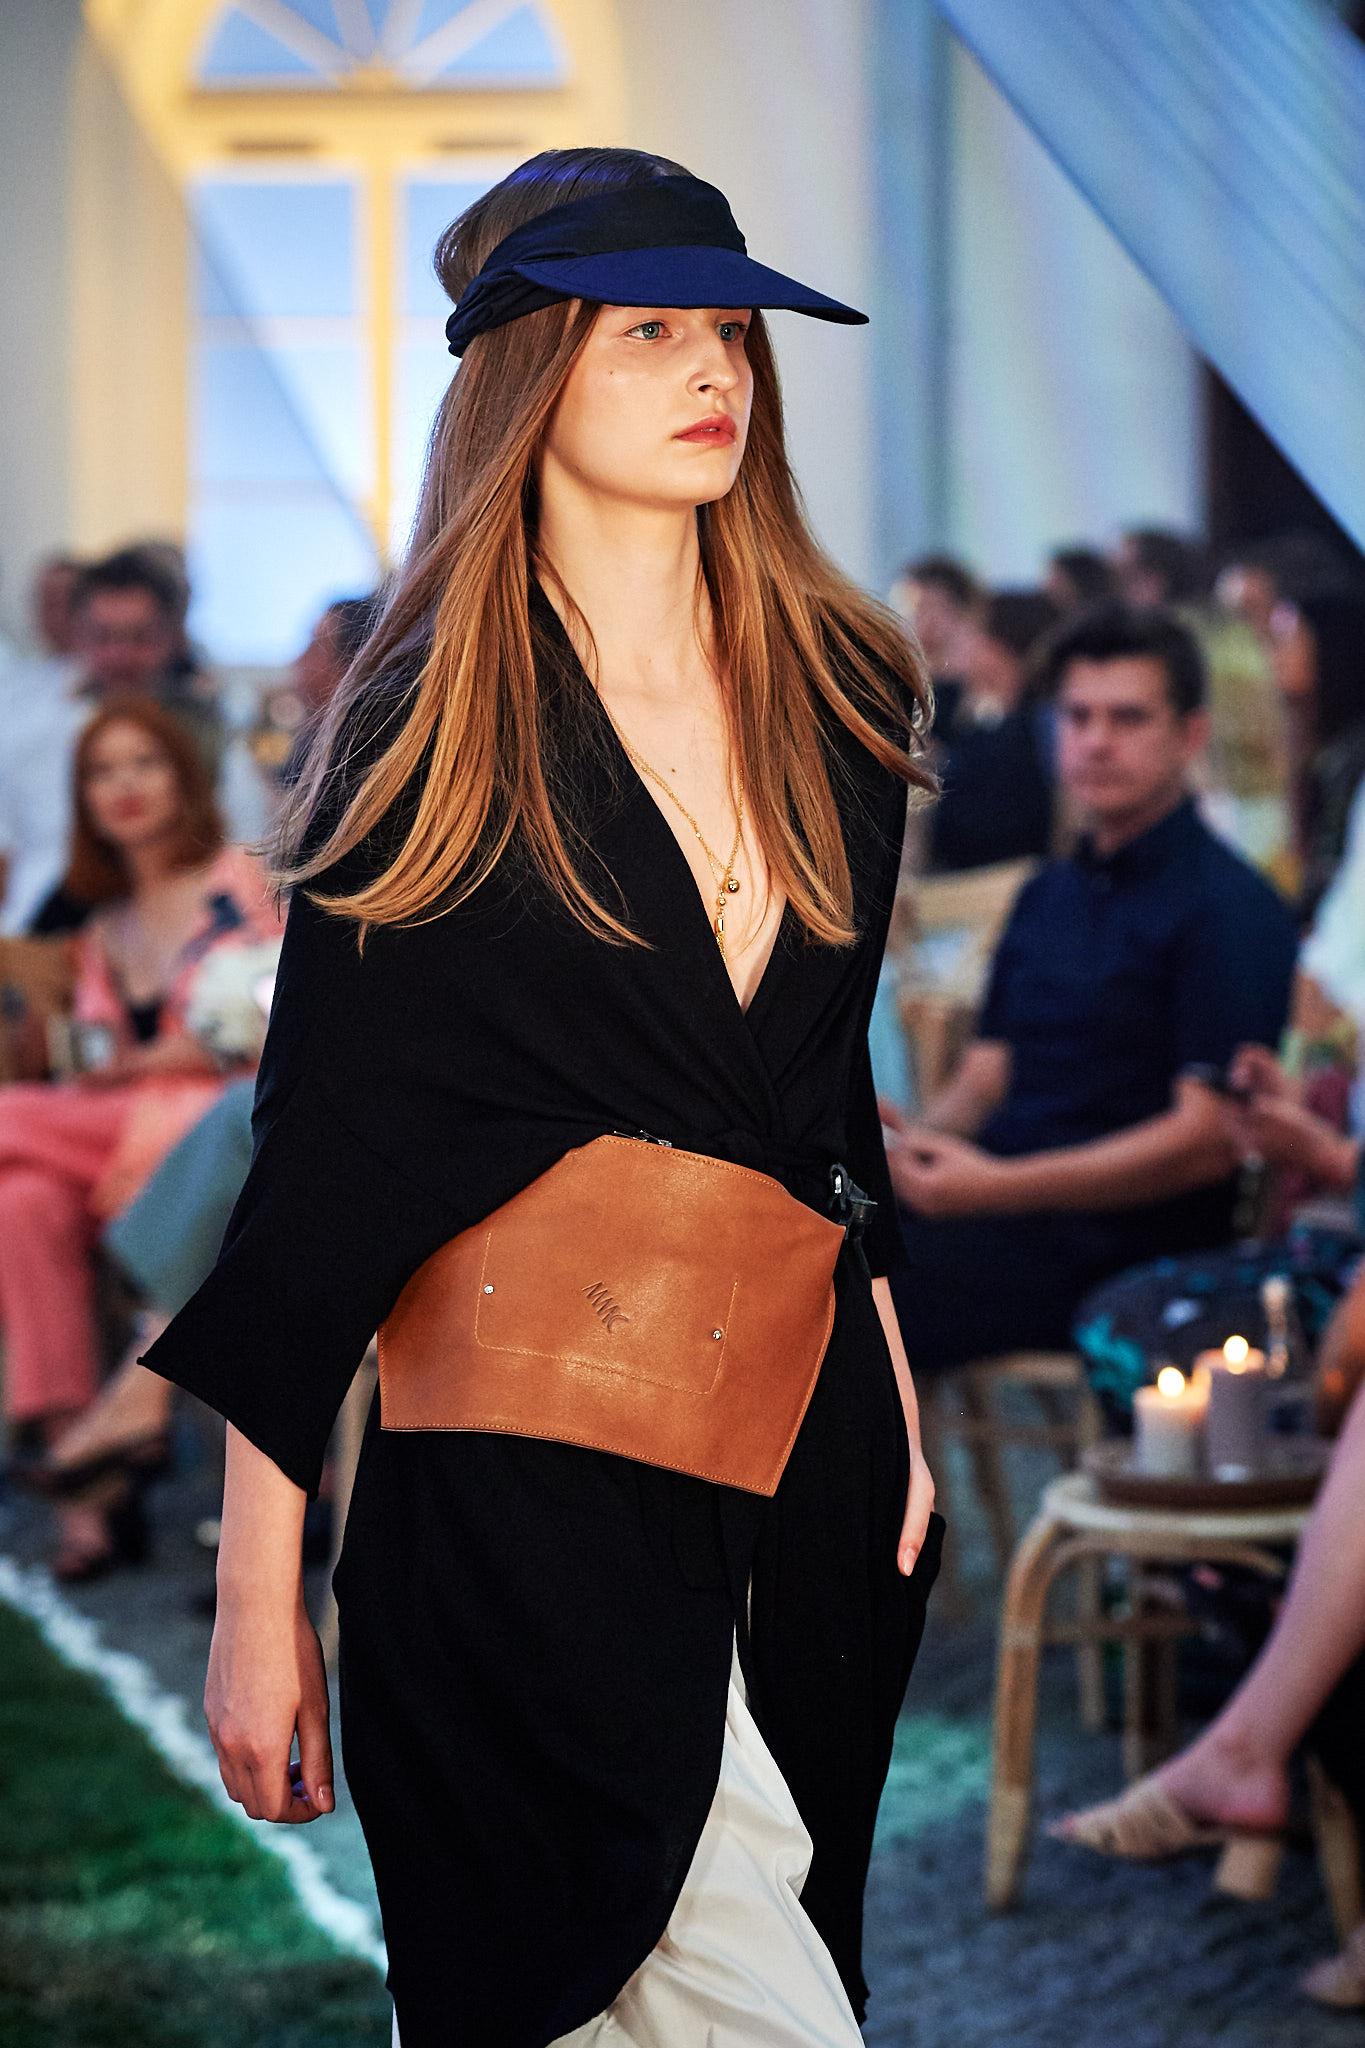 11_MMC-010719-lowres-fotFilipOkopny-FashionImages